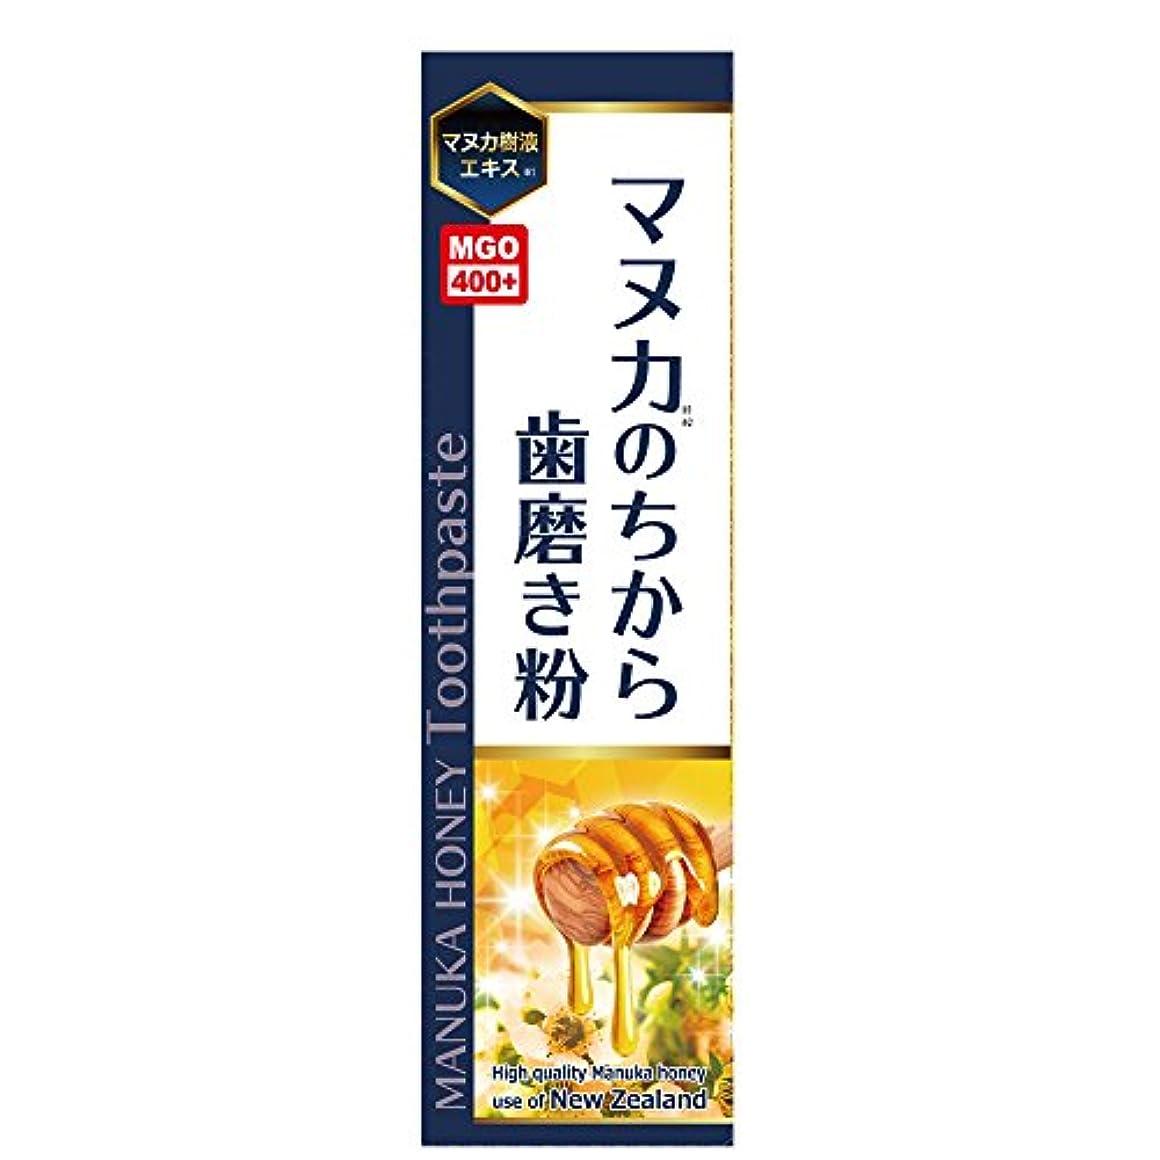 エレガントダイエット教育マヌカのちから歯磨き粉 ハチミツレモン味 100g